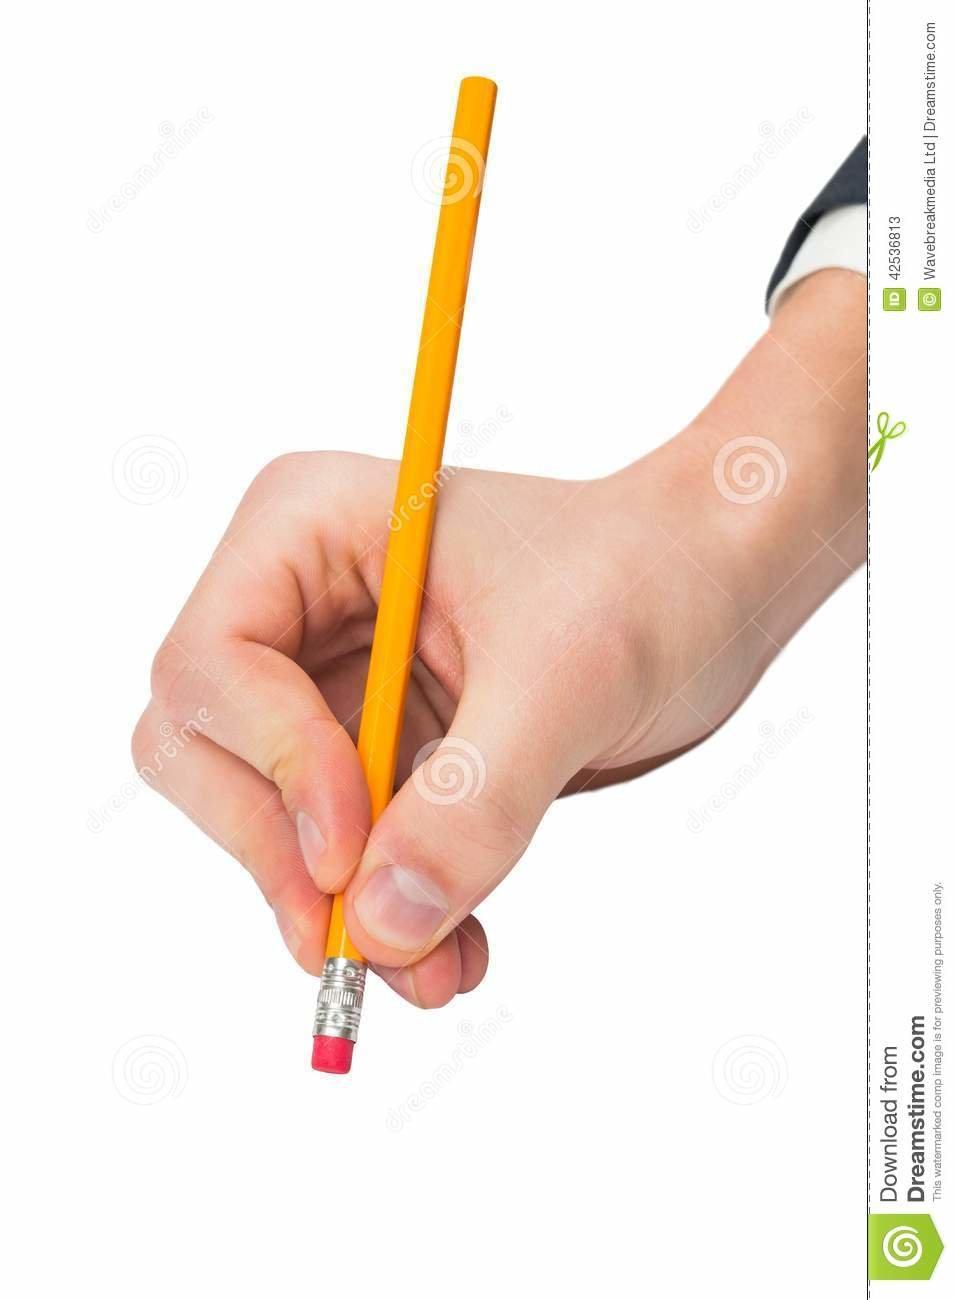 hand-using-eraser-pencil-white-background-42536813.jpg